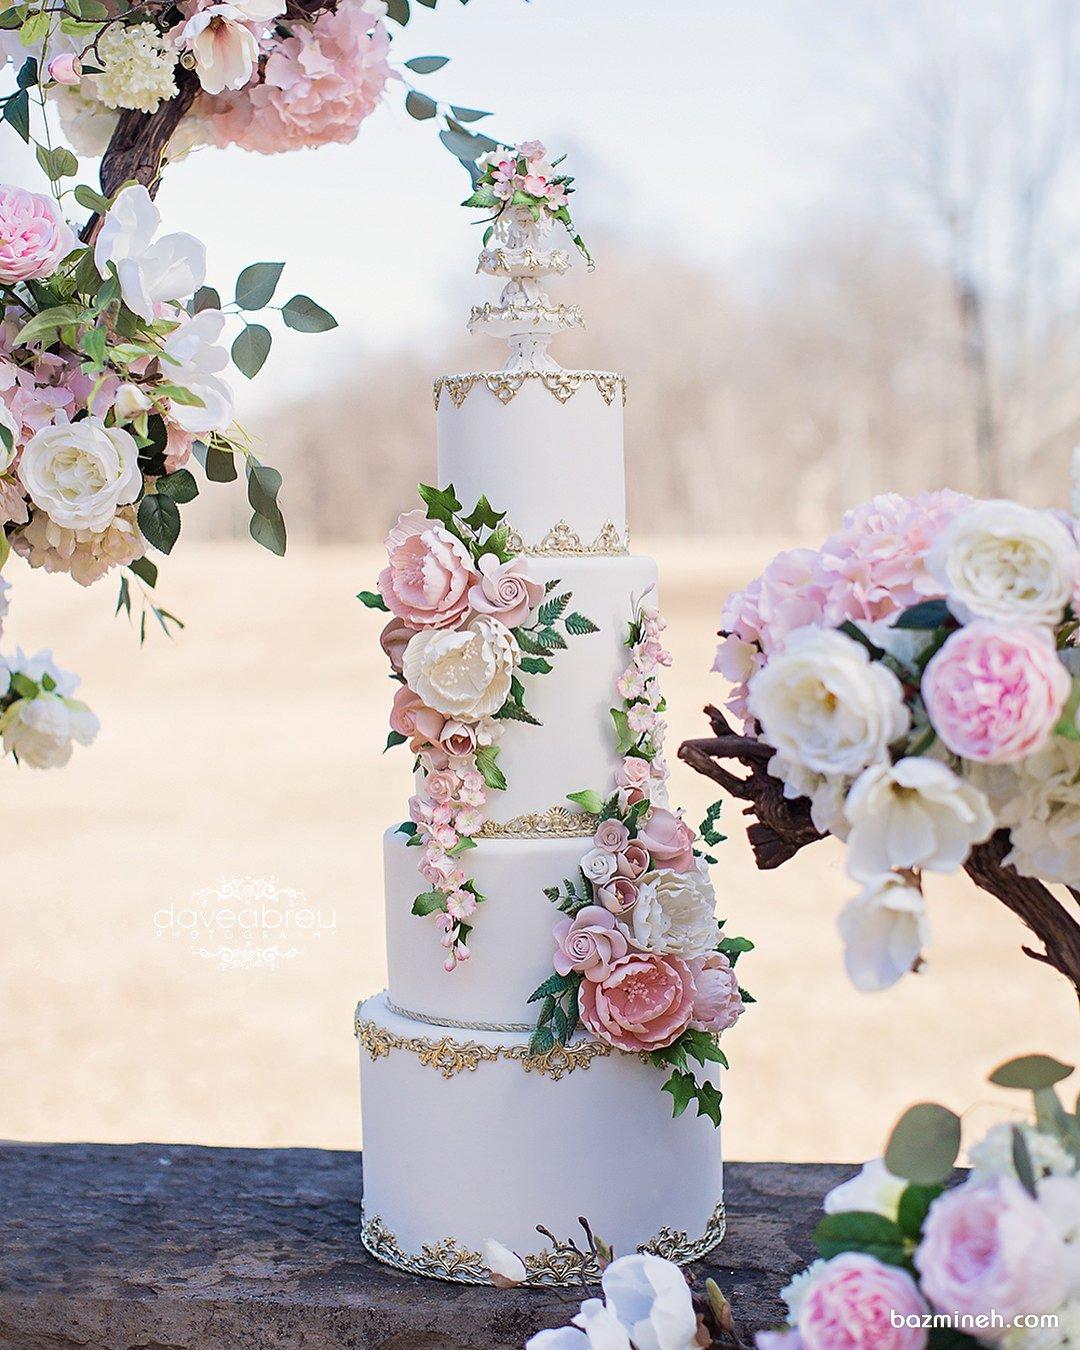 کیک زیبا و شیک جشن نامزدی یا عروسی